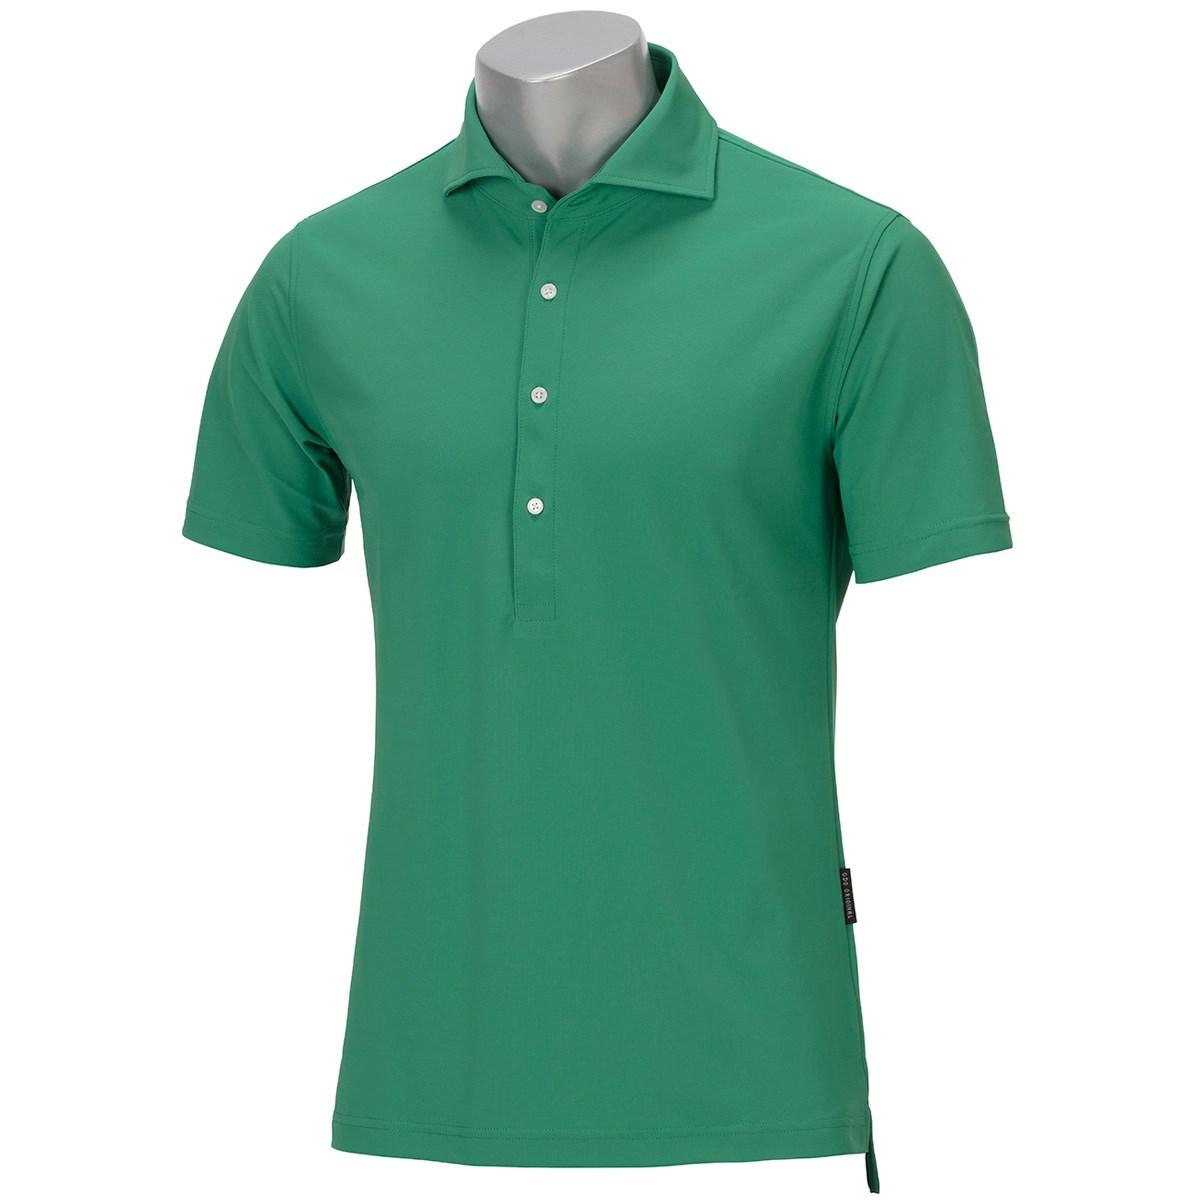 GDO オリジナル GDO ORIGINAL ホリゾンタルカラーシャツ XXL グリーン